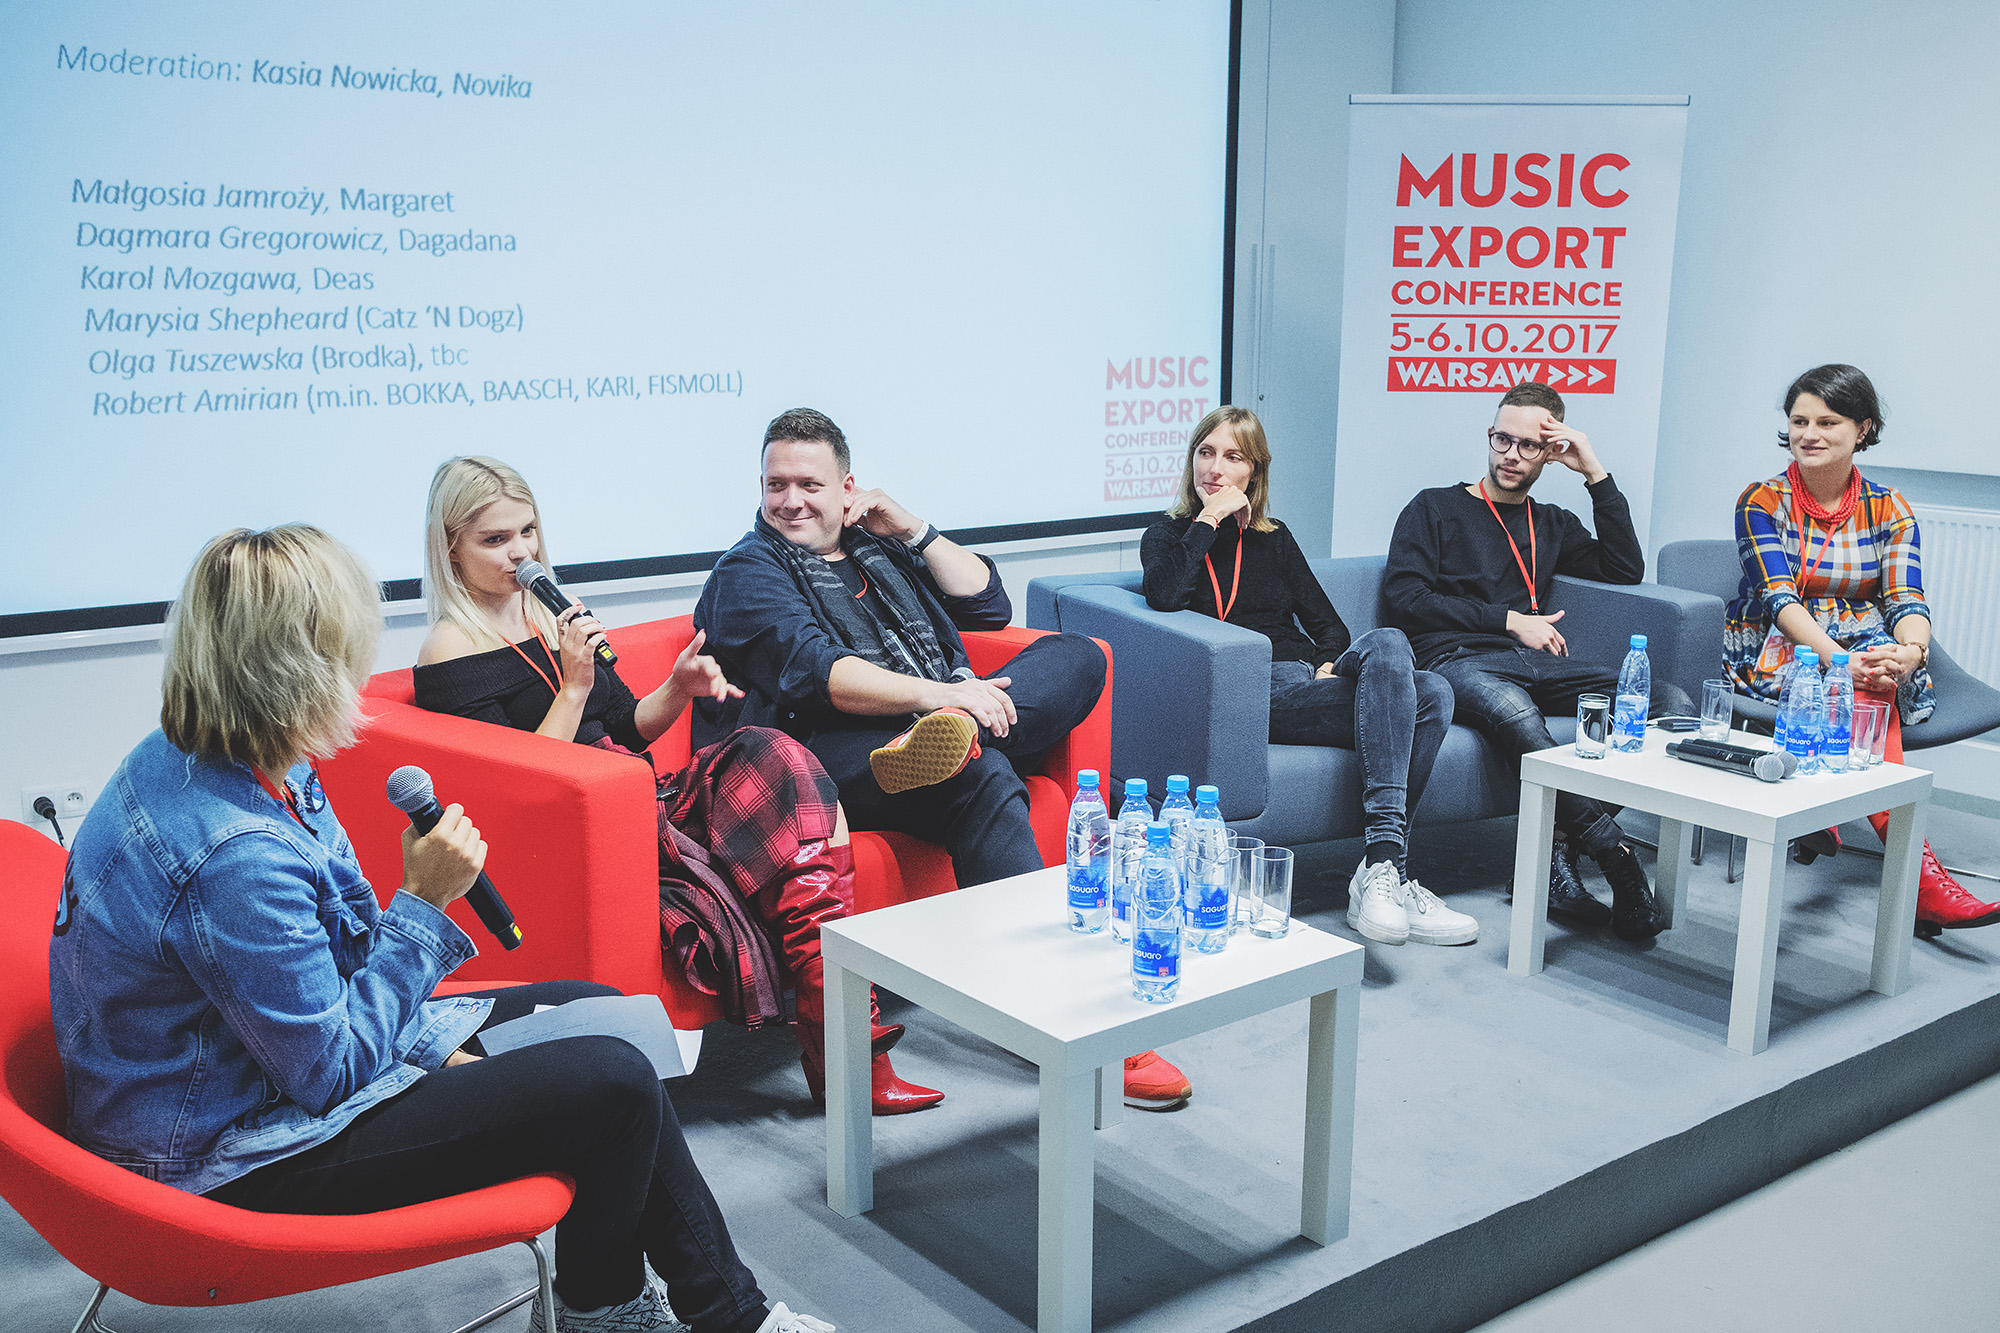 Jak eksportować muzykę?